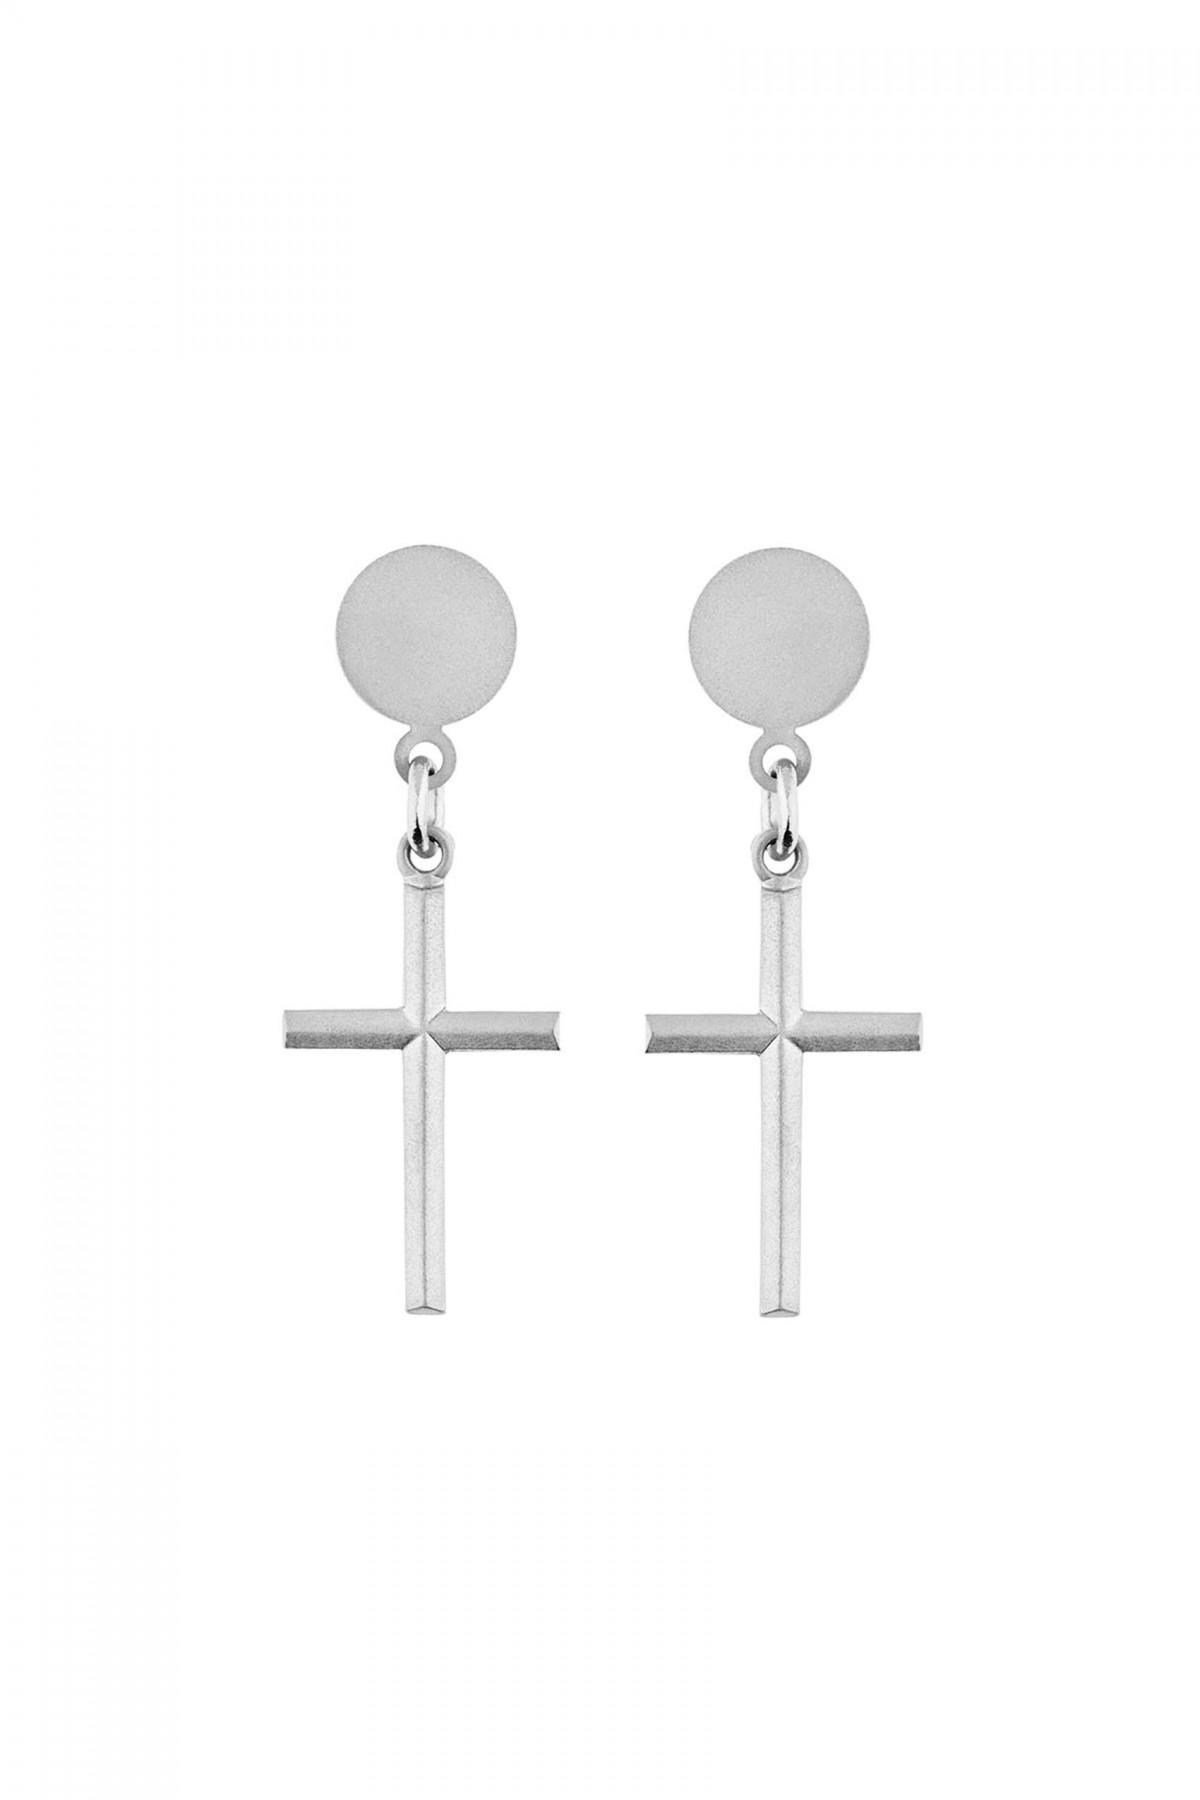 The Cross Earrings